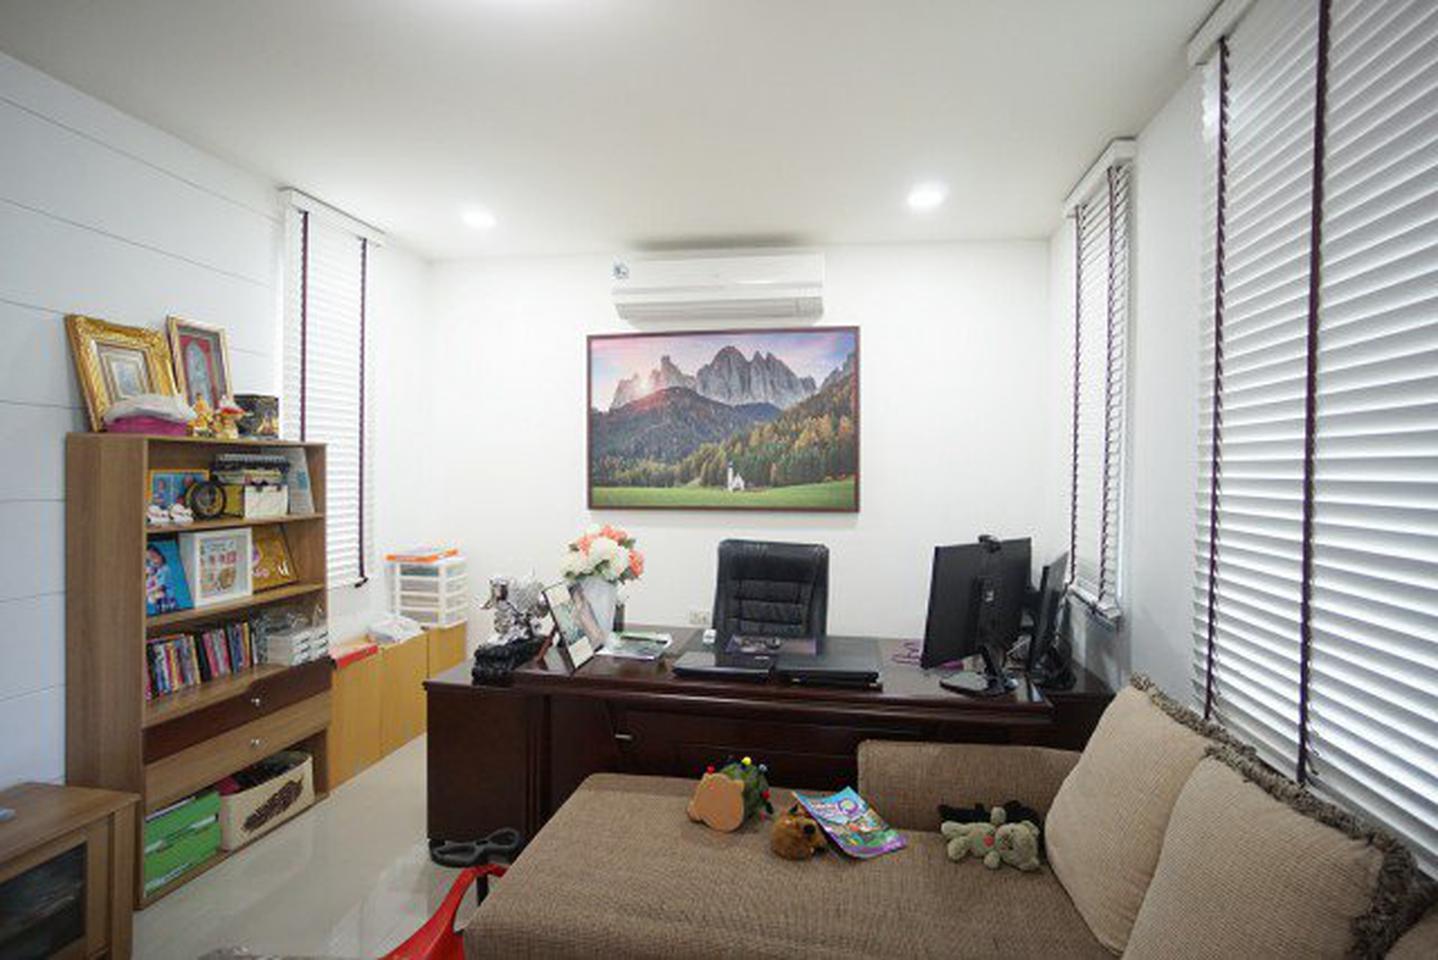 บ้านเดี่ยว 2ชั้น ฮาบิเทีย โมทีฟ ปัญญาอินทรา  รูปที่ 2